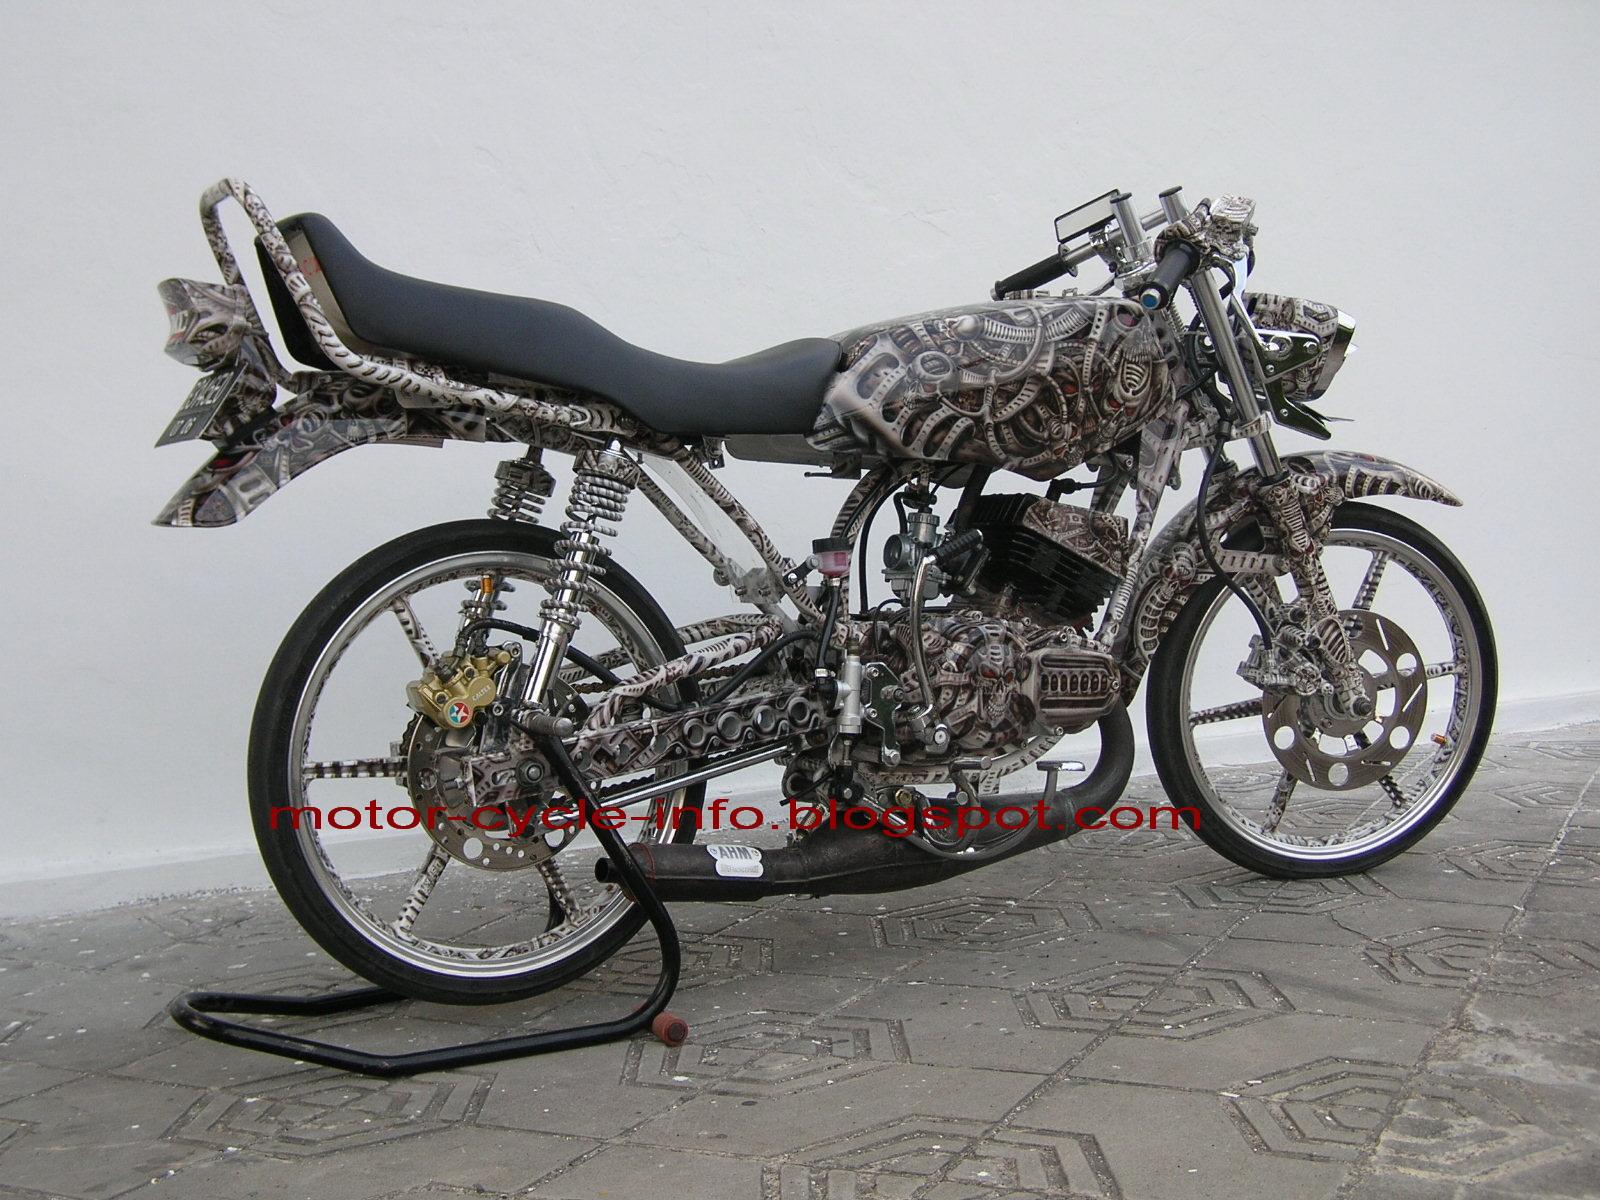 Yamaha RX King Modif